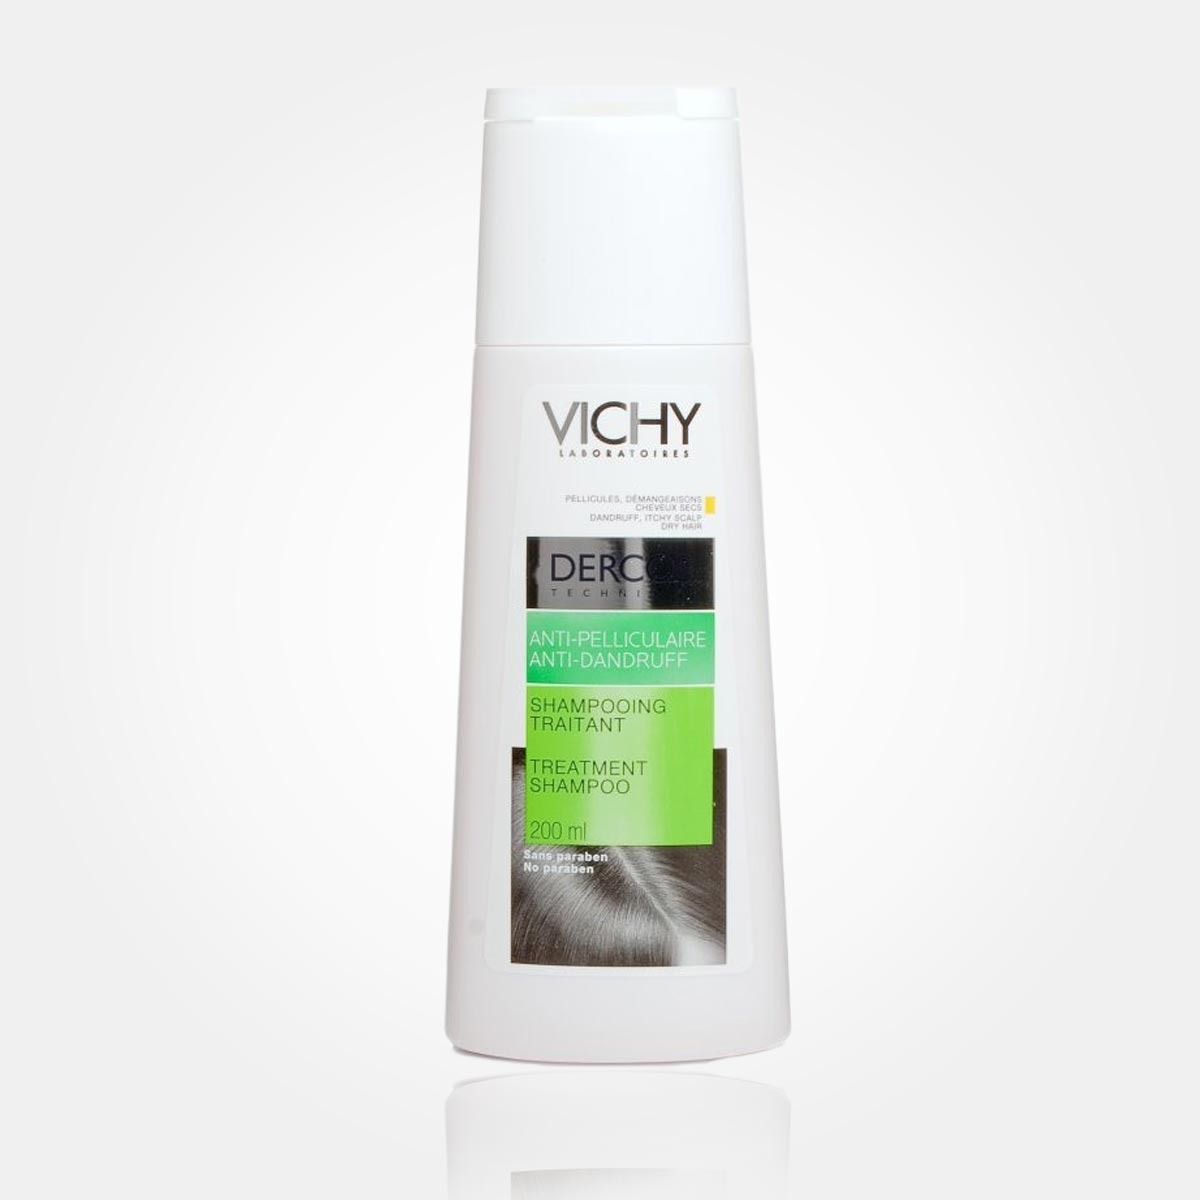 Vichy Dercos šampon proti lupům eliminuje lupy už po týdenním používání.